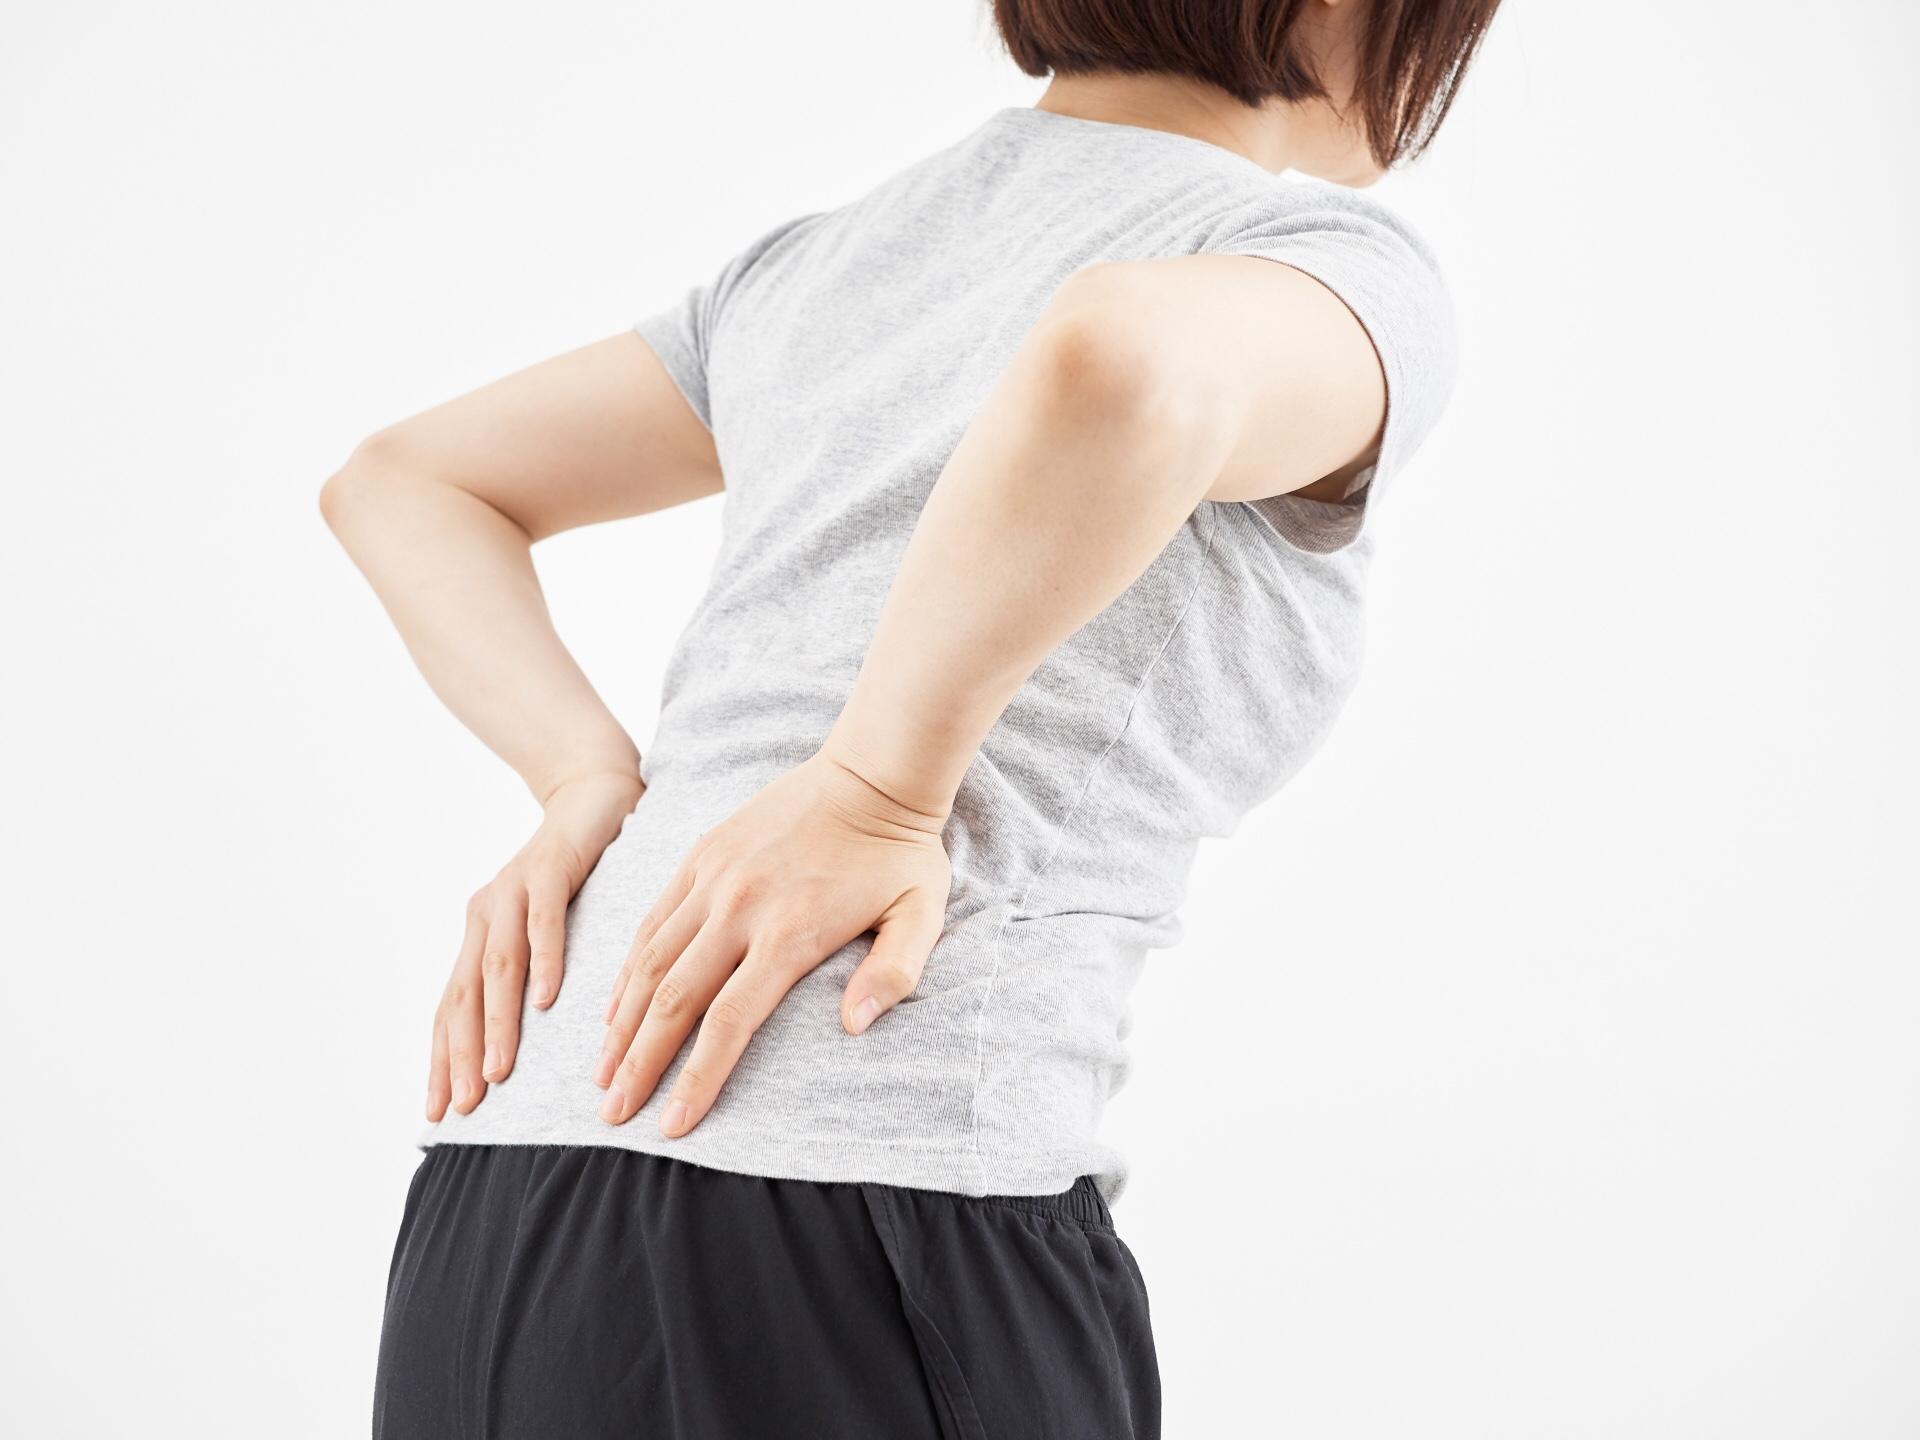 腰痛には優しい鍼灸治療で